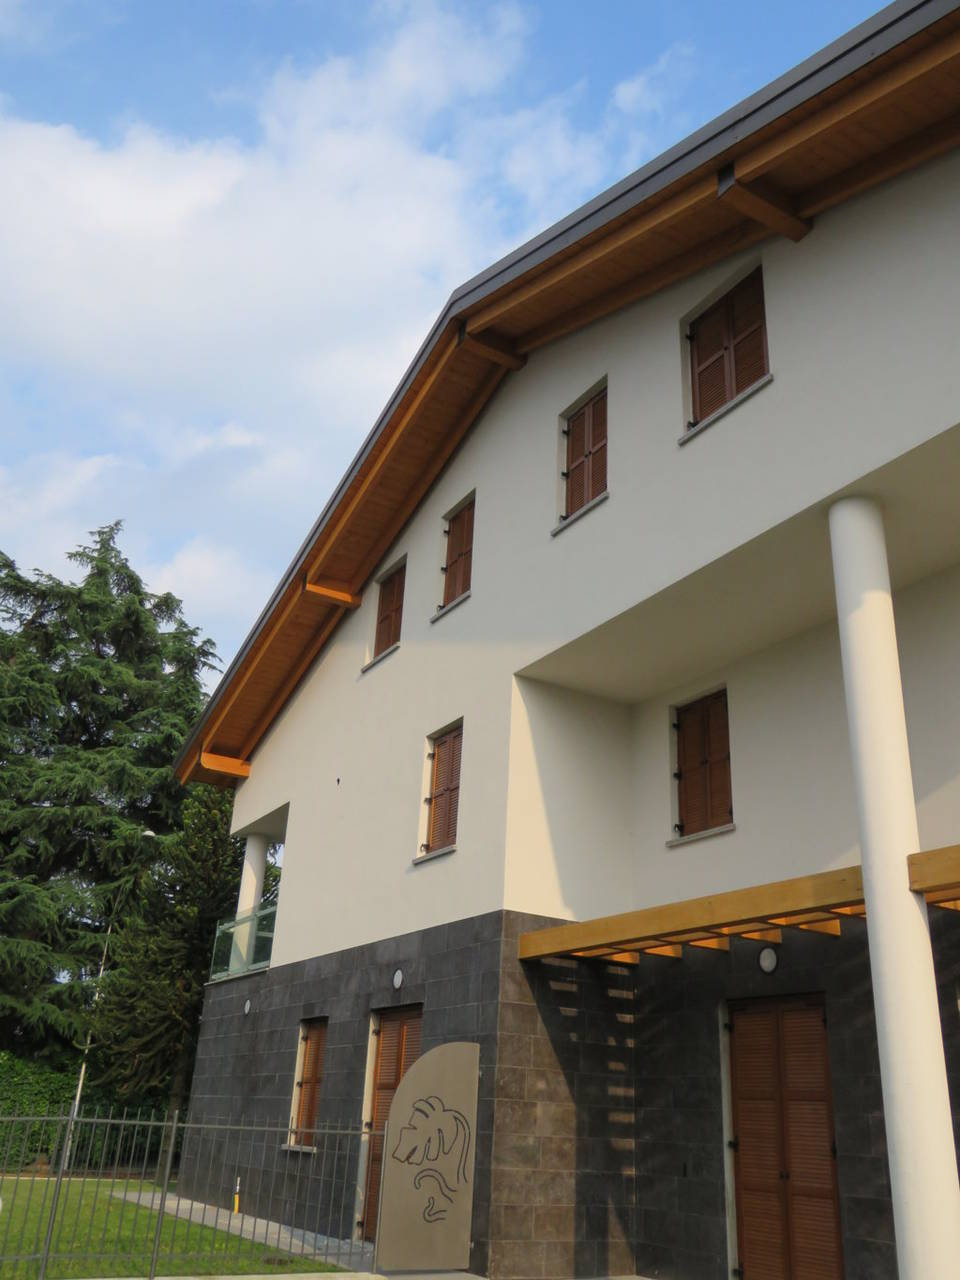 Case-nuove-in-vendita-in-Burago-di-Molgora-Monza-Brianza-7